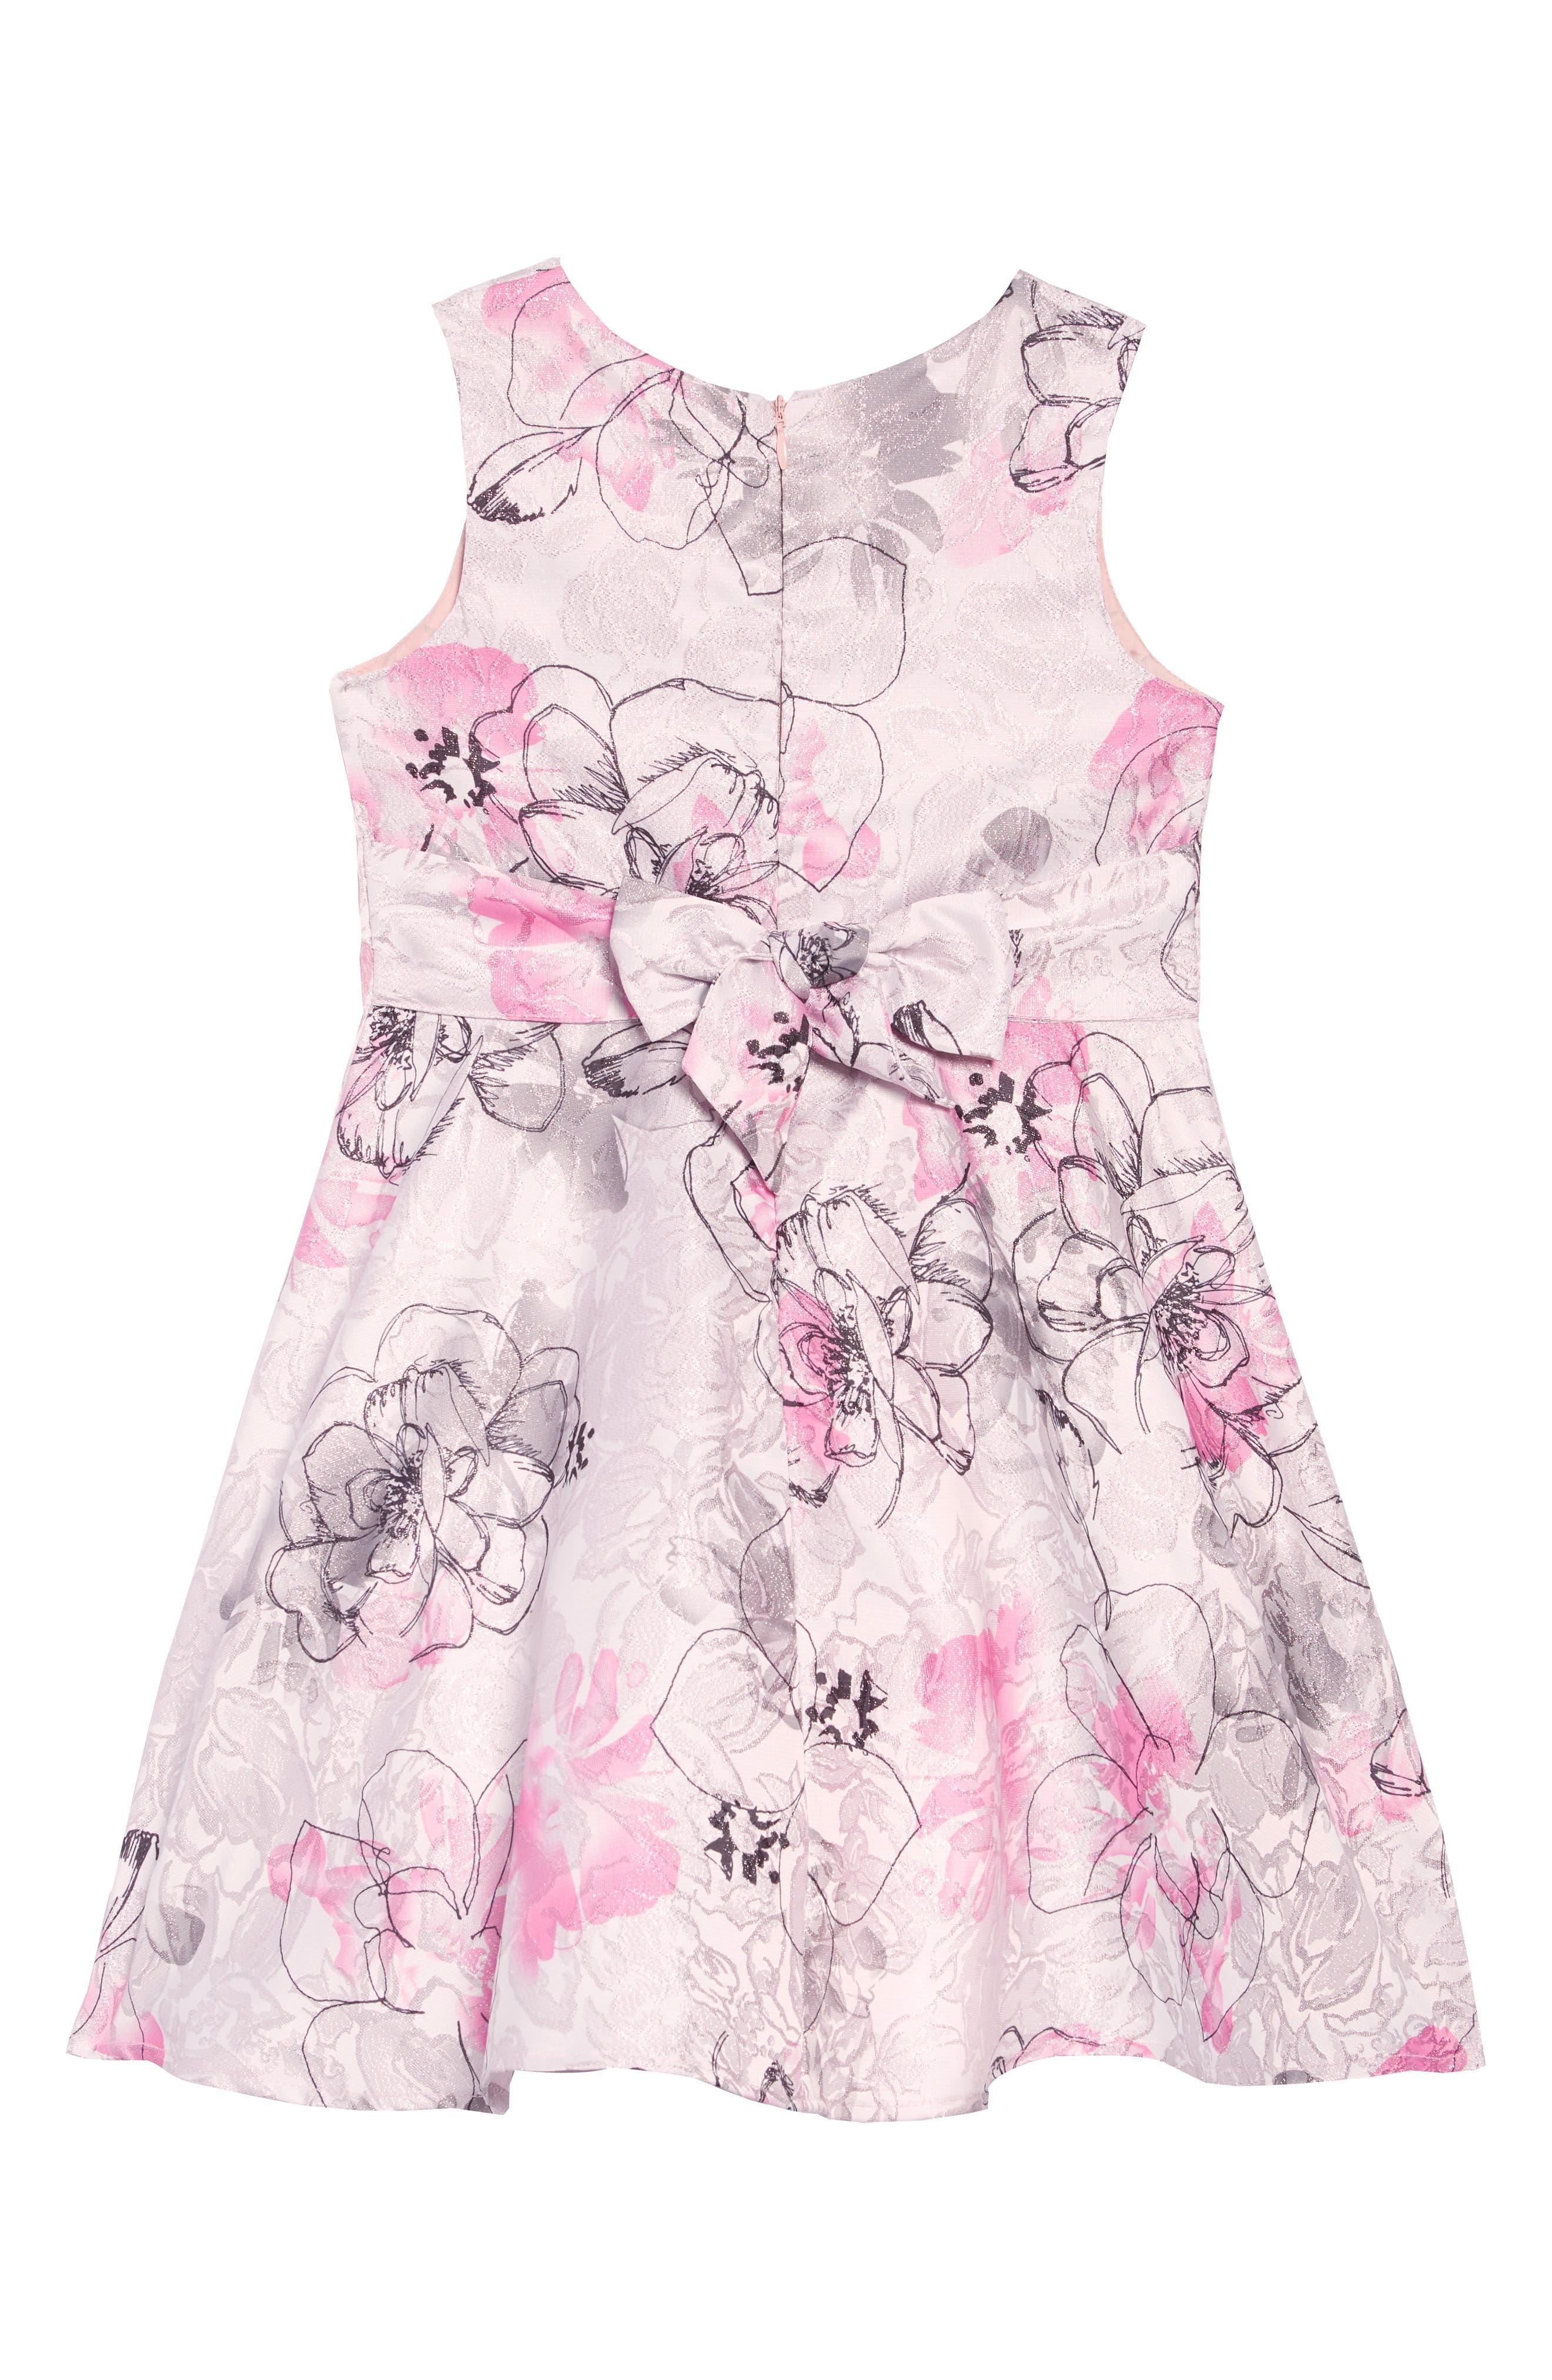 Jacquard Floral Dress,                             Alternate thumbnail 2, color,                             MULTI PRINT